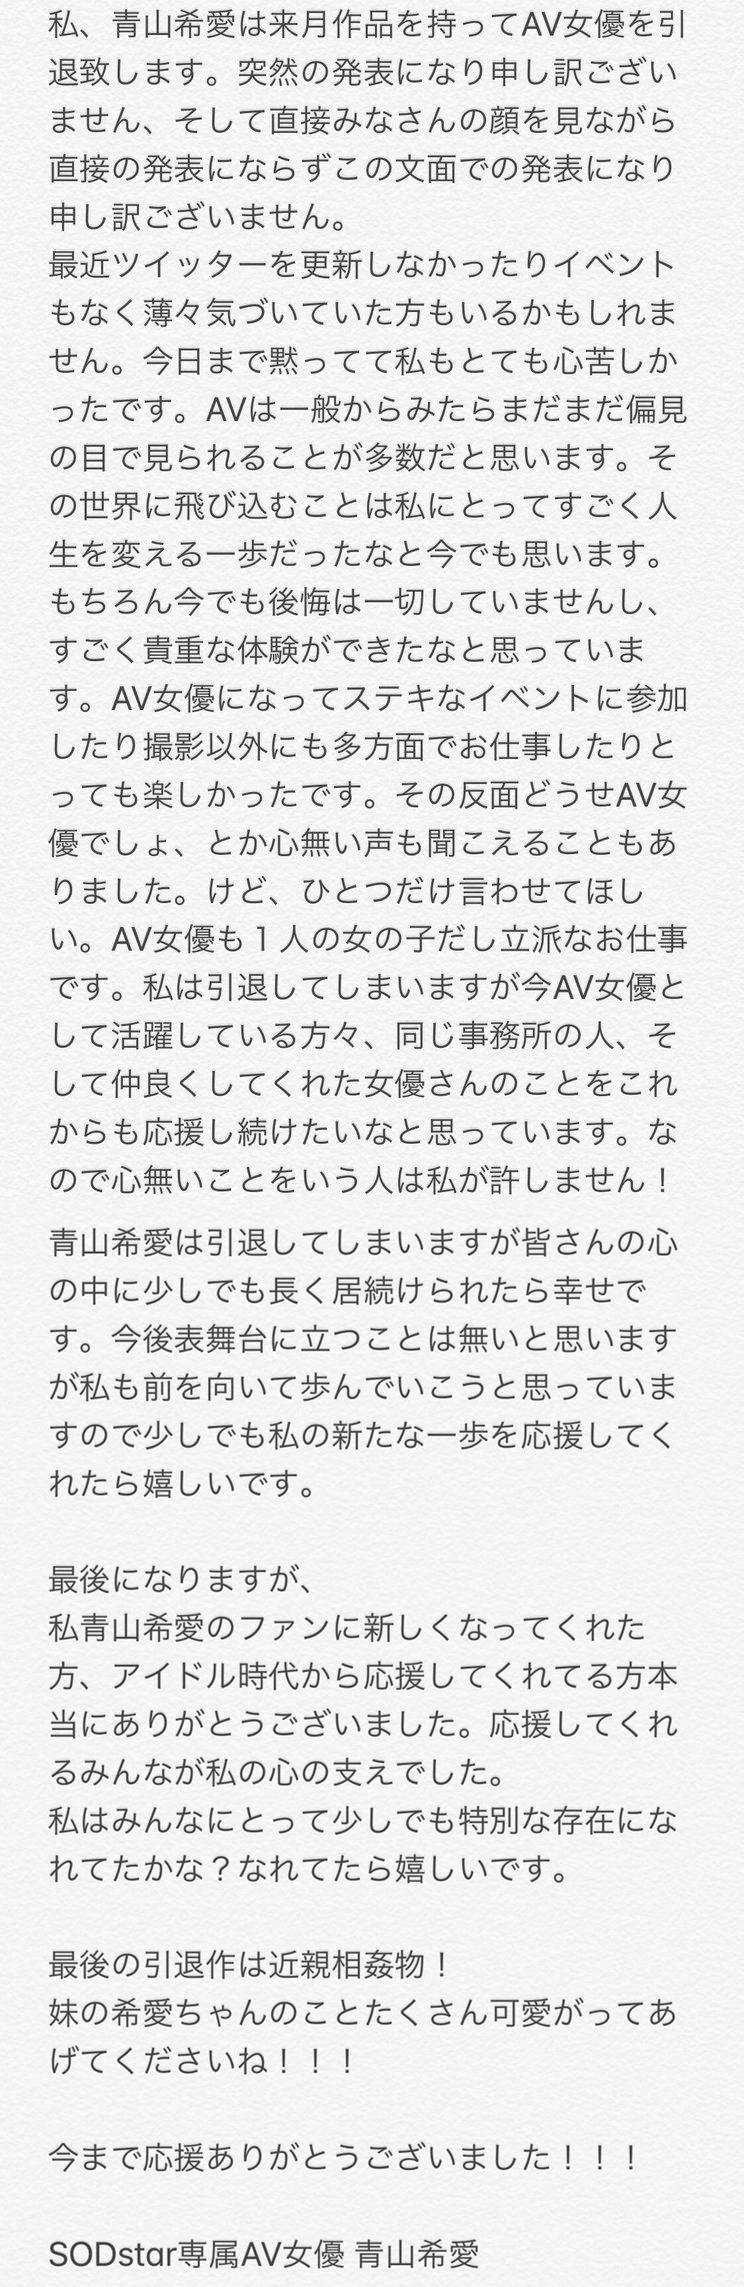 青山希愛引退001-vert